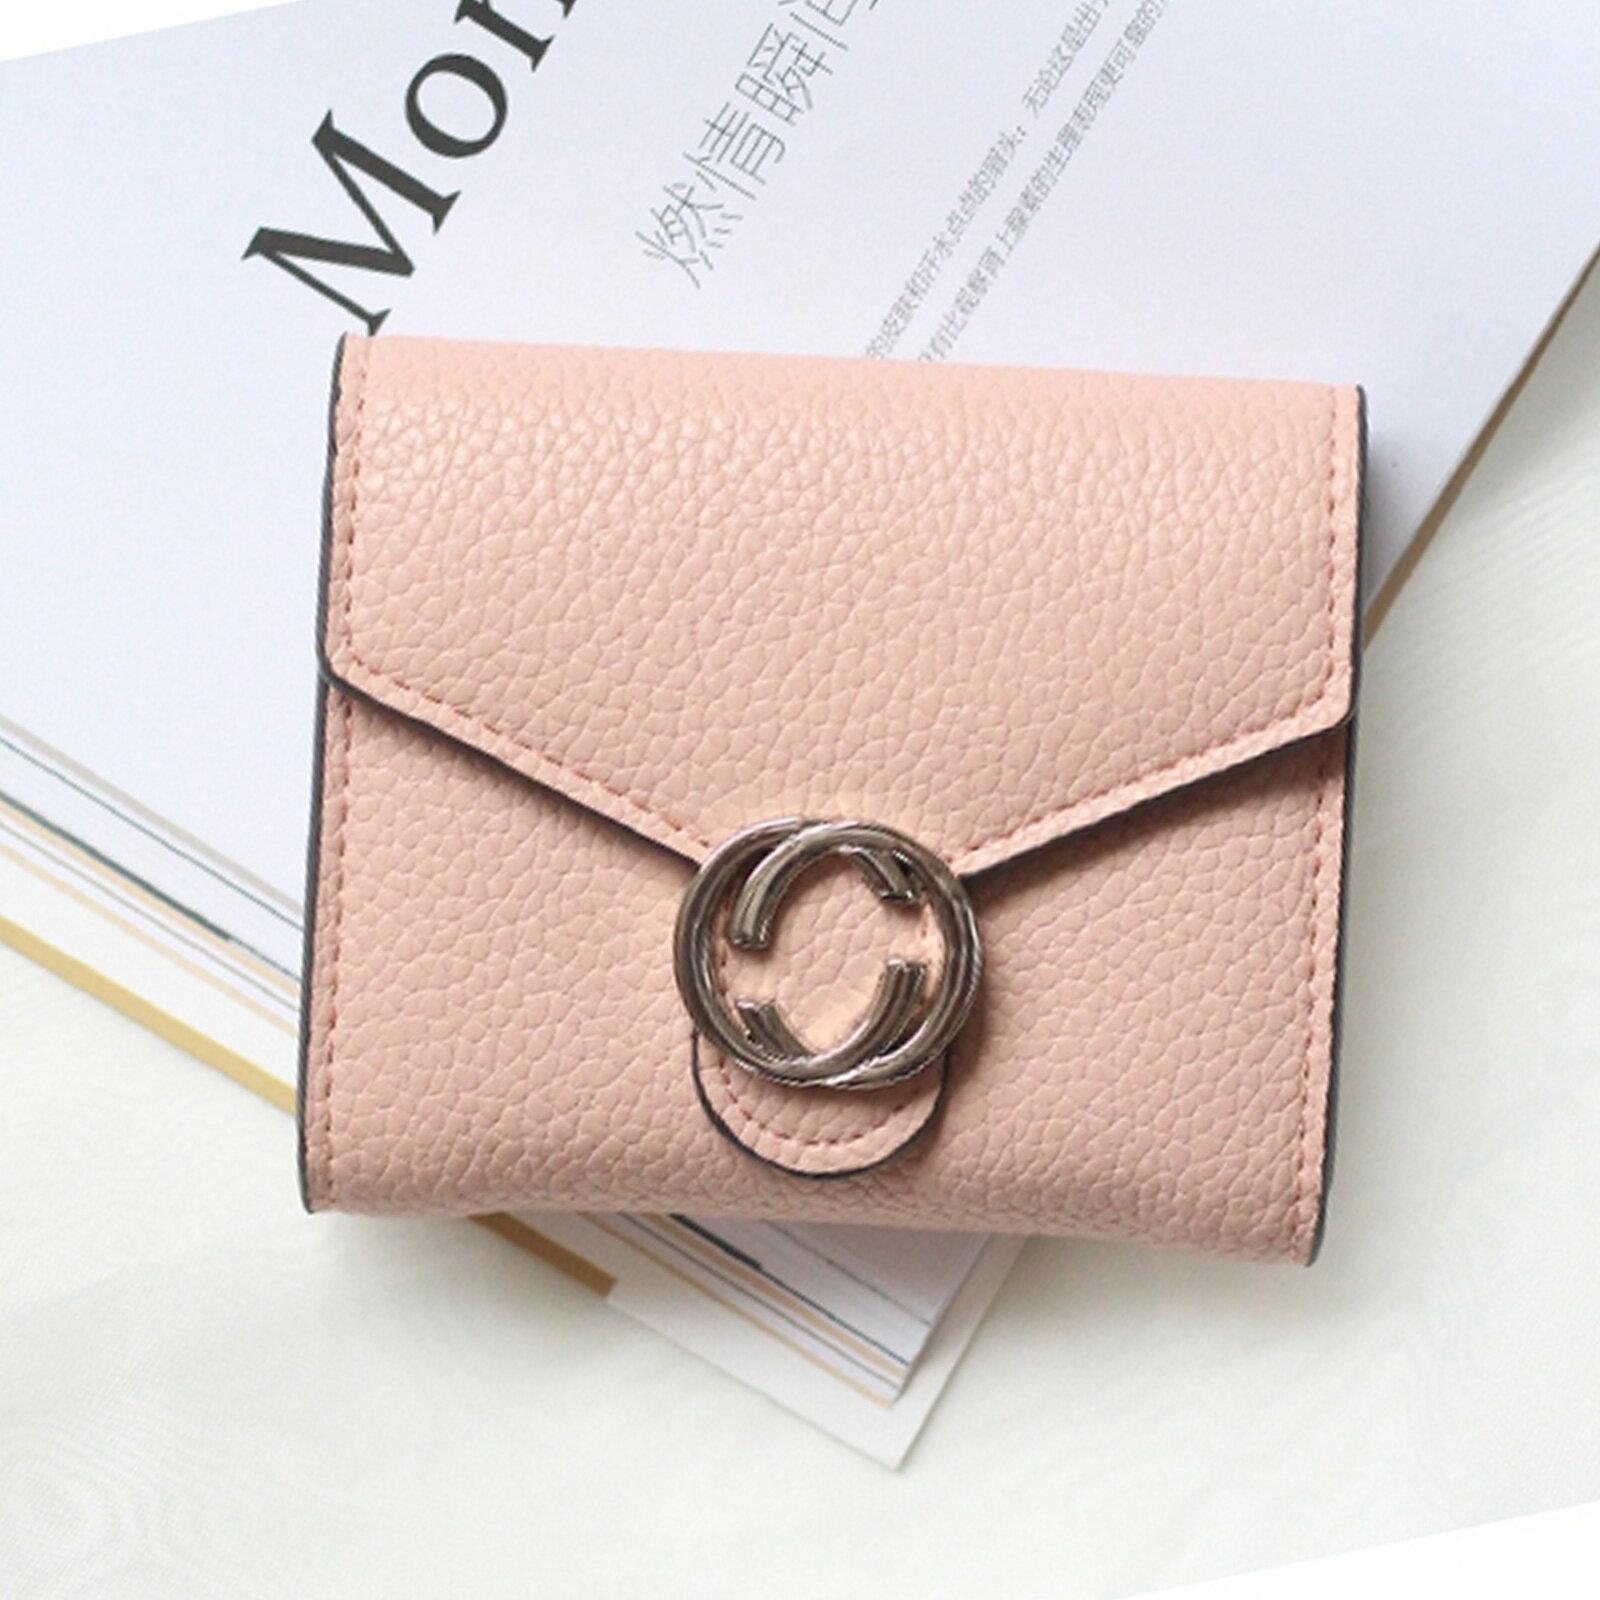 皮夾 錢包 名品質感金屬雙C短夾【O3220】☆雙兒網☆ 4